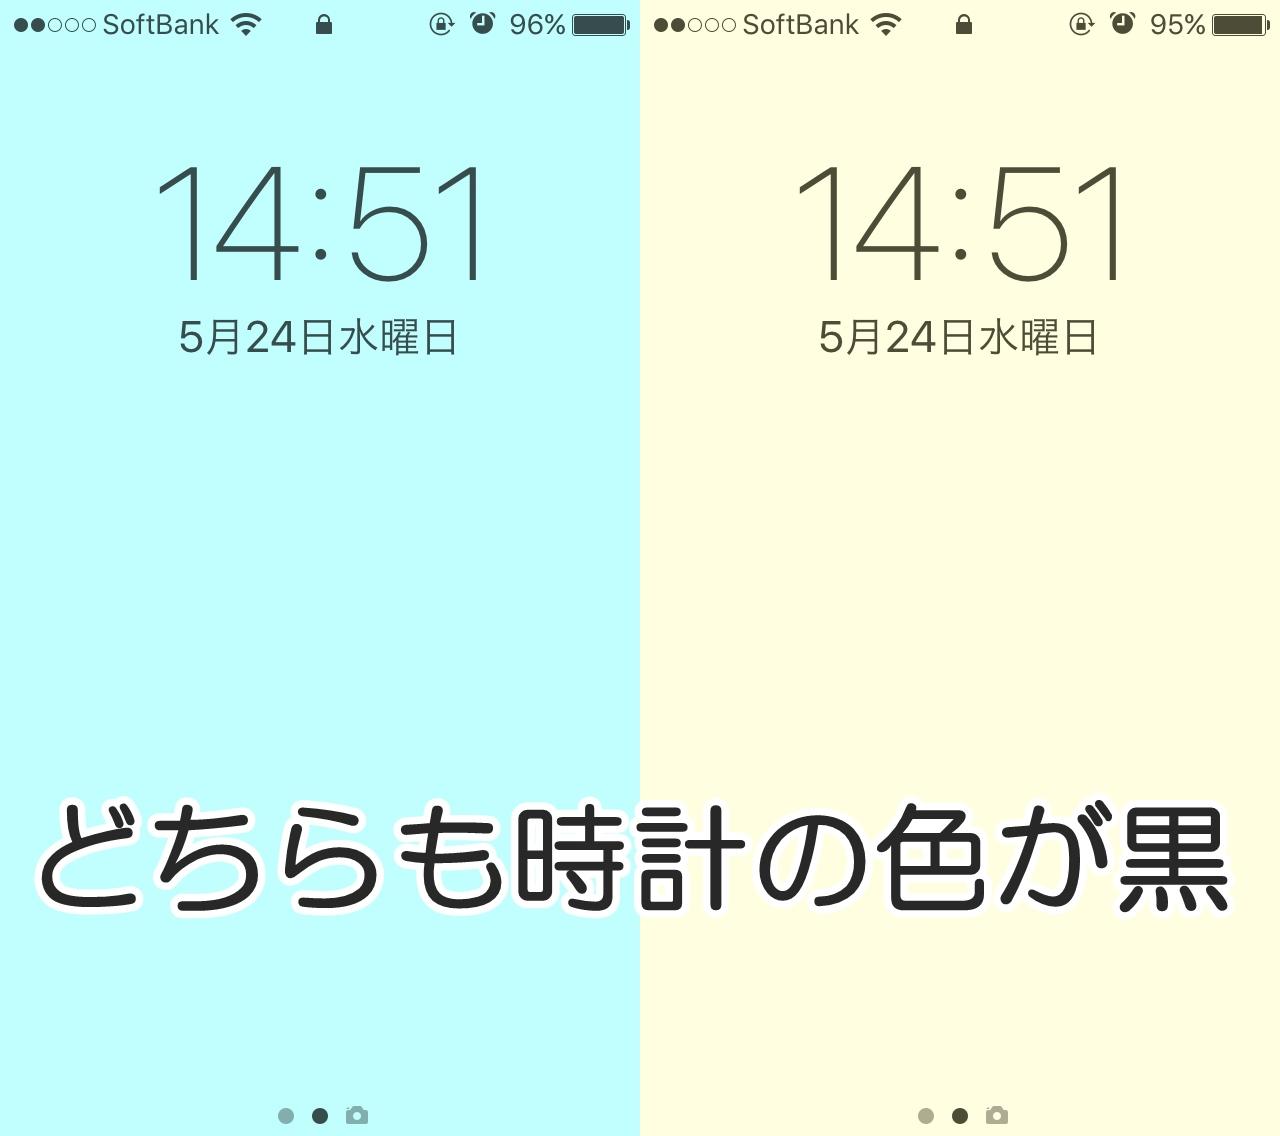 Iphoneのロック画面の時計の位置や色を変更することが可能か検証 Digitalnews365